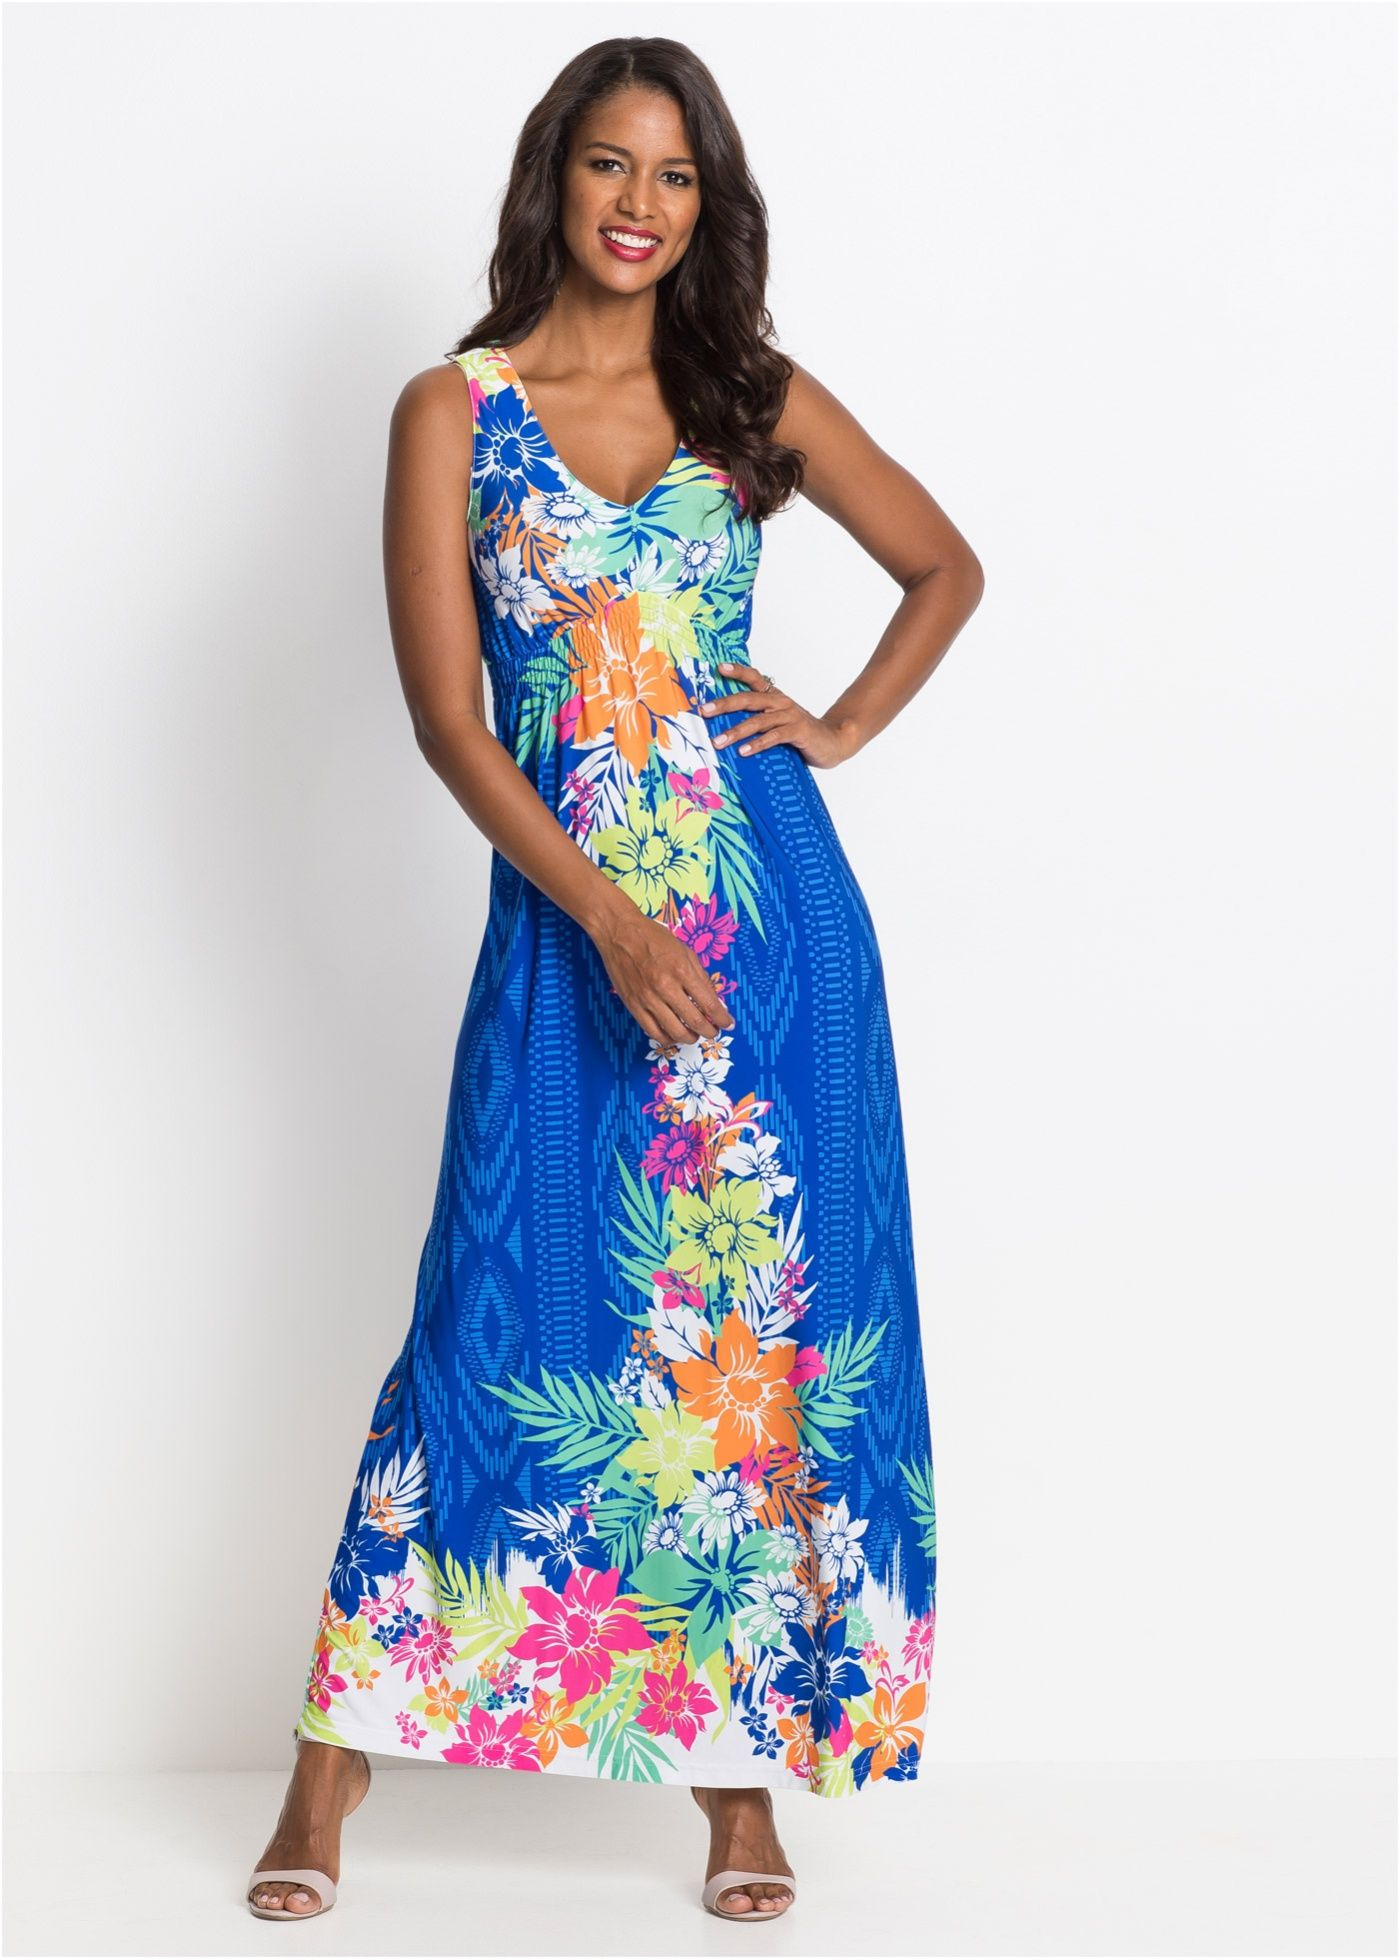 Farbenfrohes Sommerkleid in Maxilänge - blau geblümt  Sommerkleid